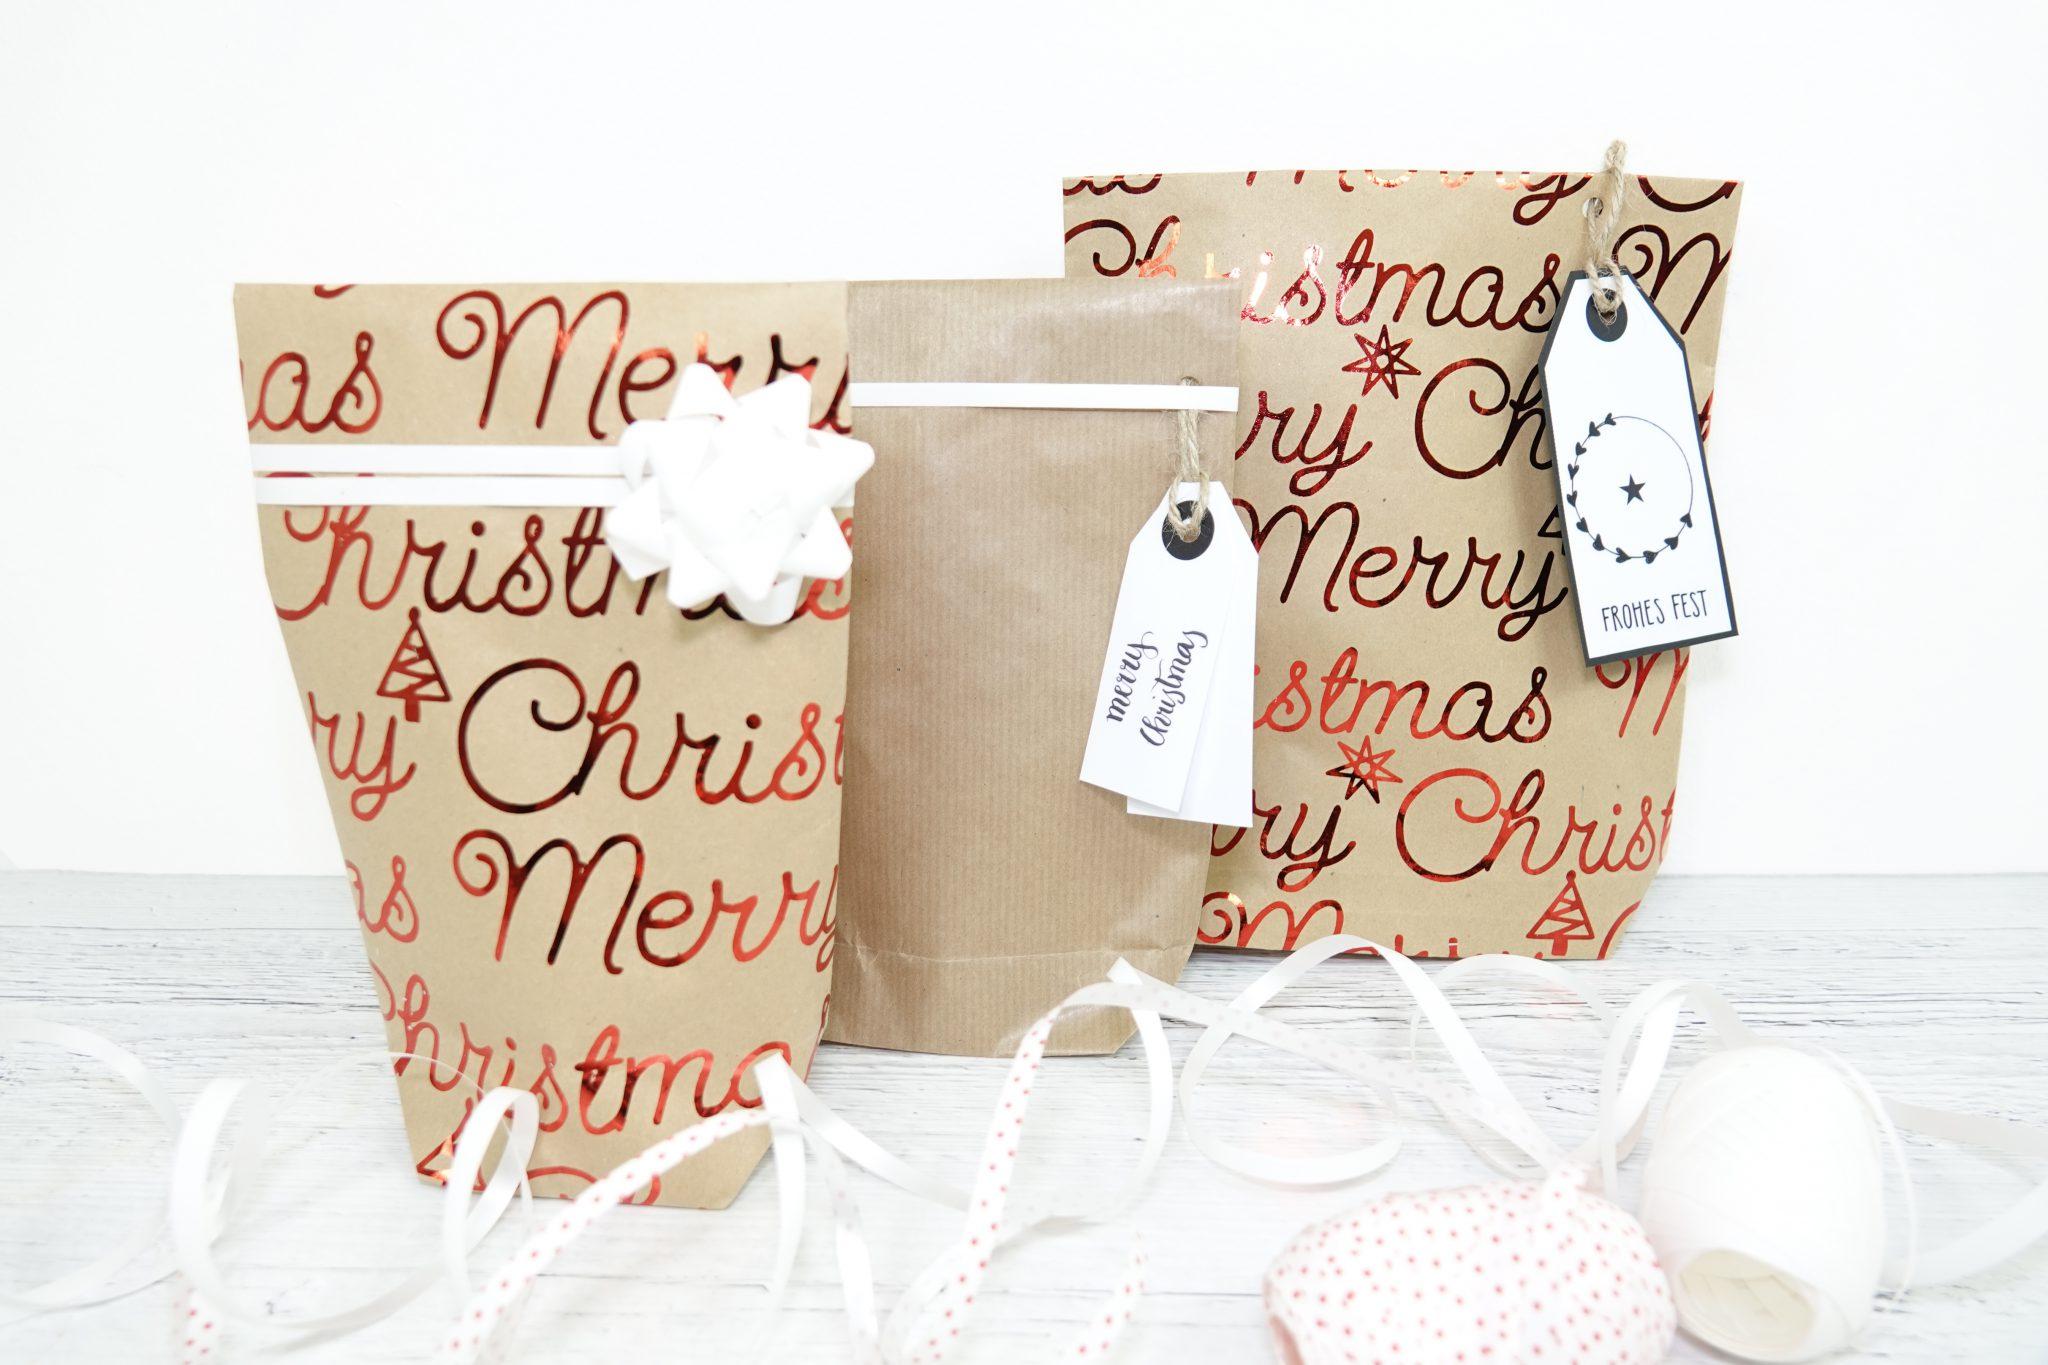 Detailaufnahme der Geschenktüten aus Packpapier und braunem Geschenkpapier mit rotem Merry-Christmas-Schriftzug